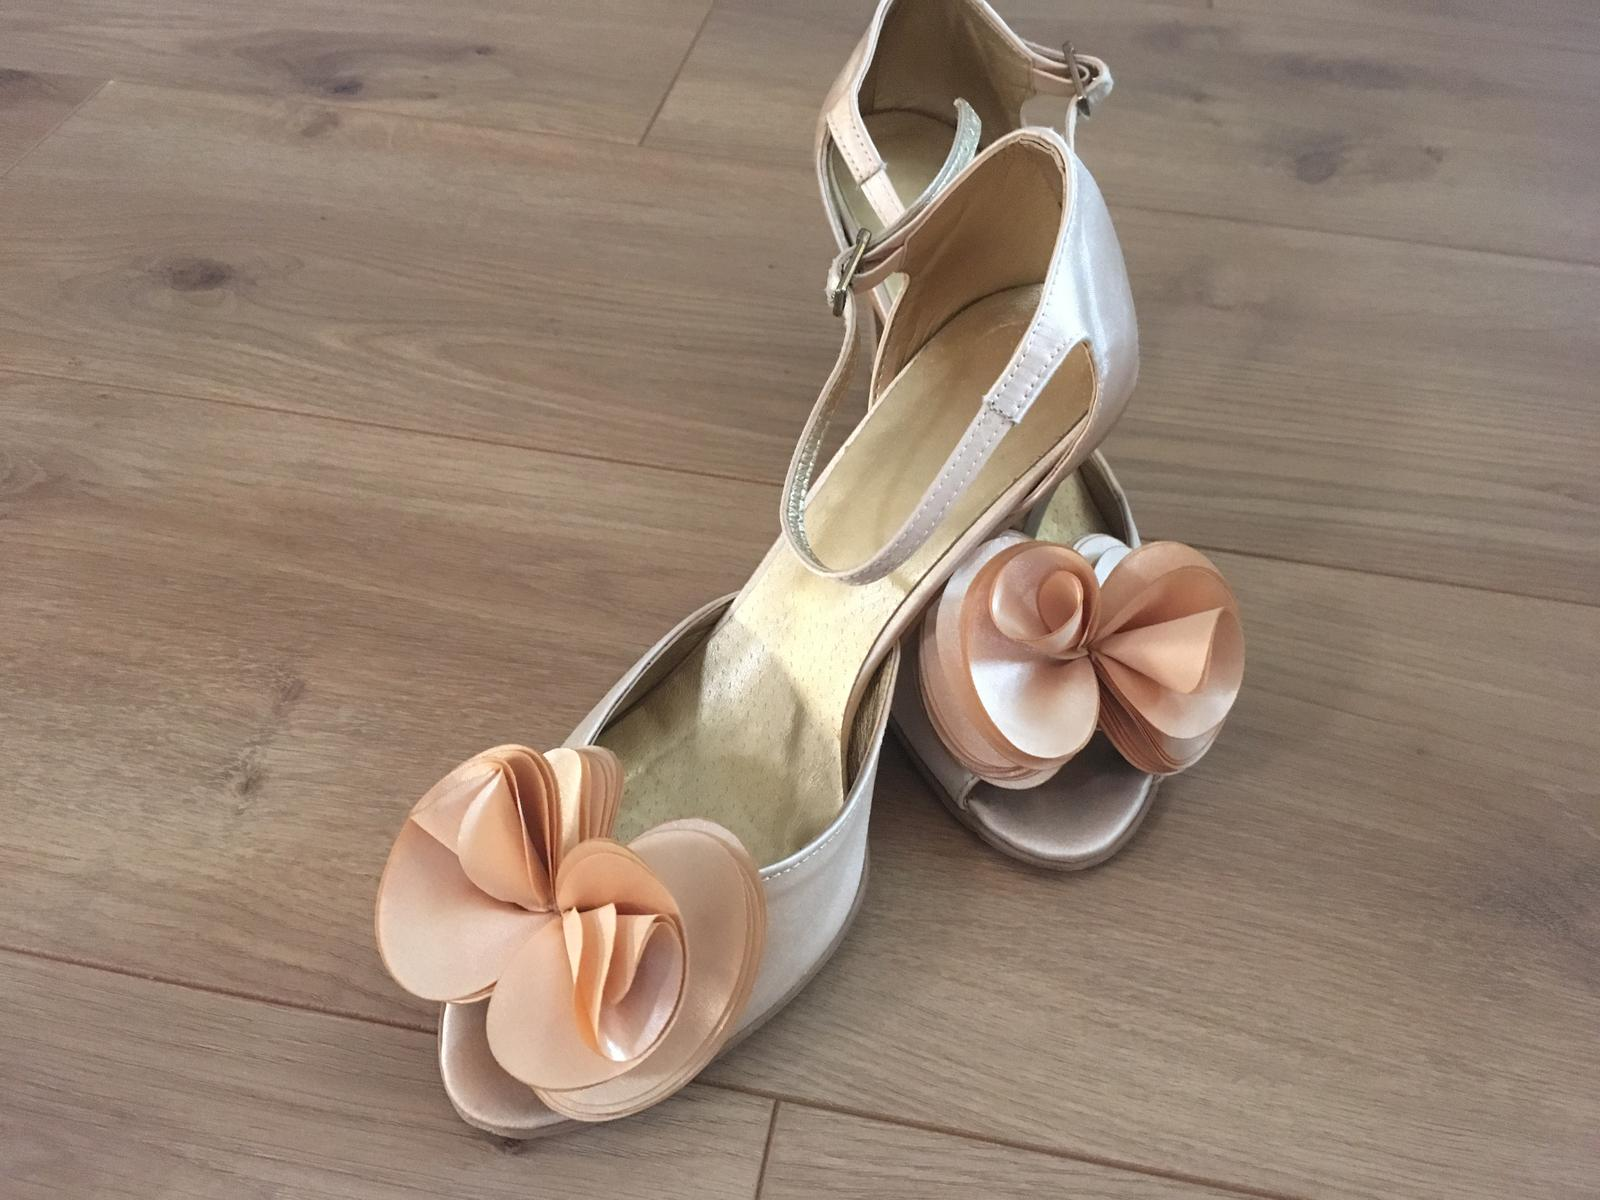 Tanečné sandálky z popelkateam - Obrázok č. 3